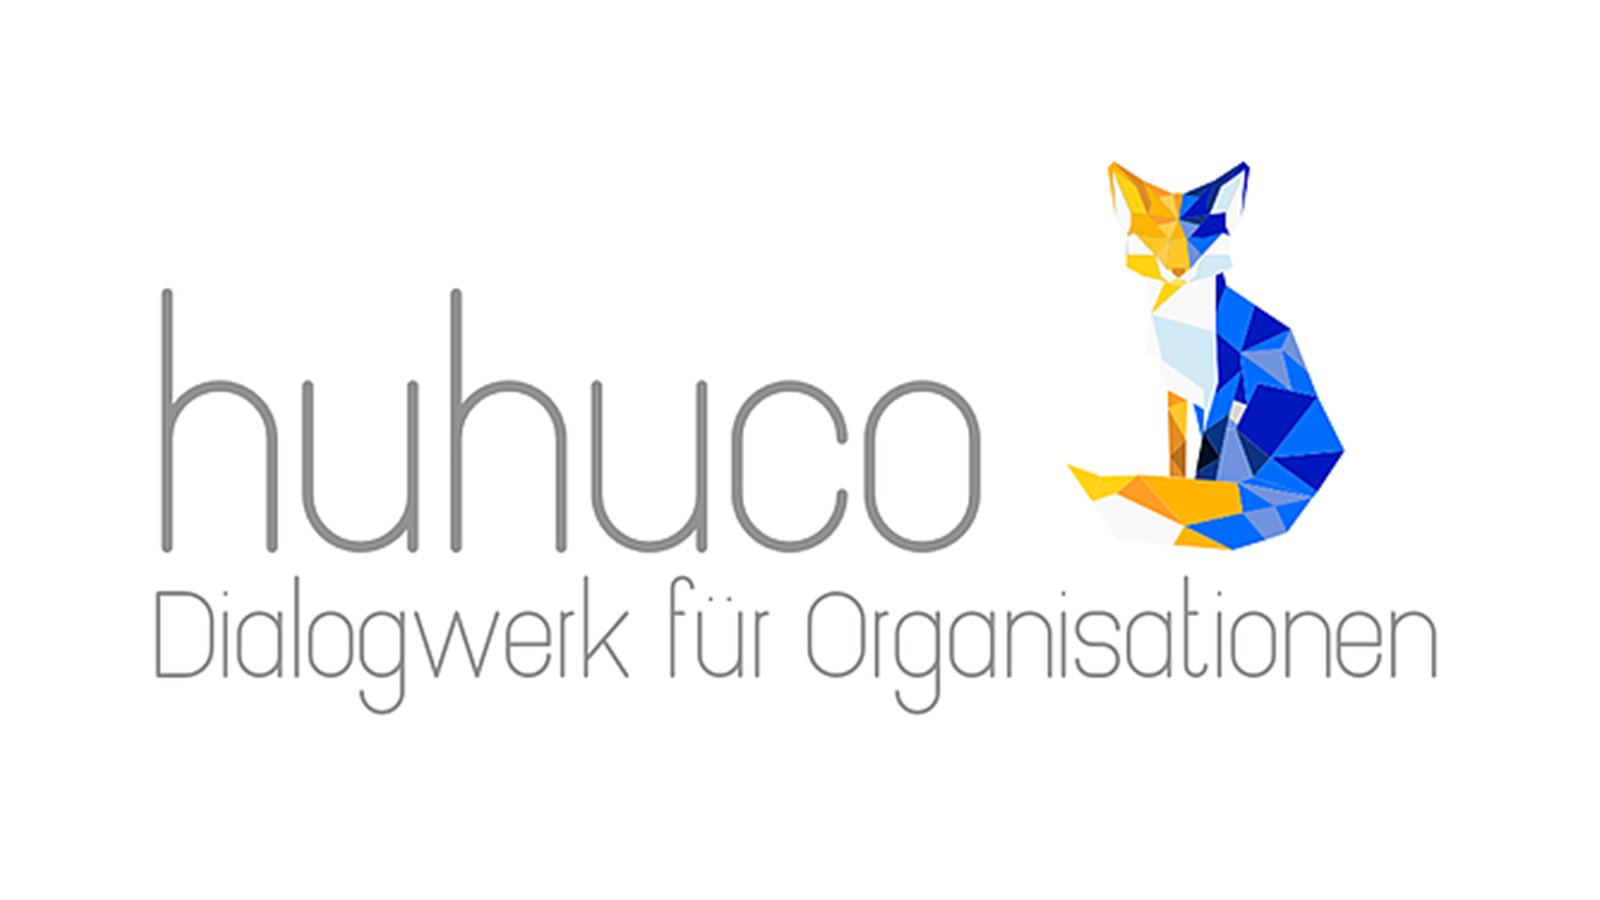 huhuco